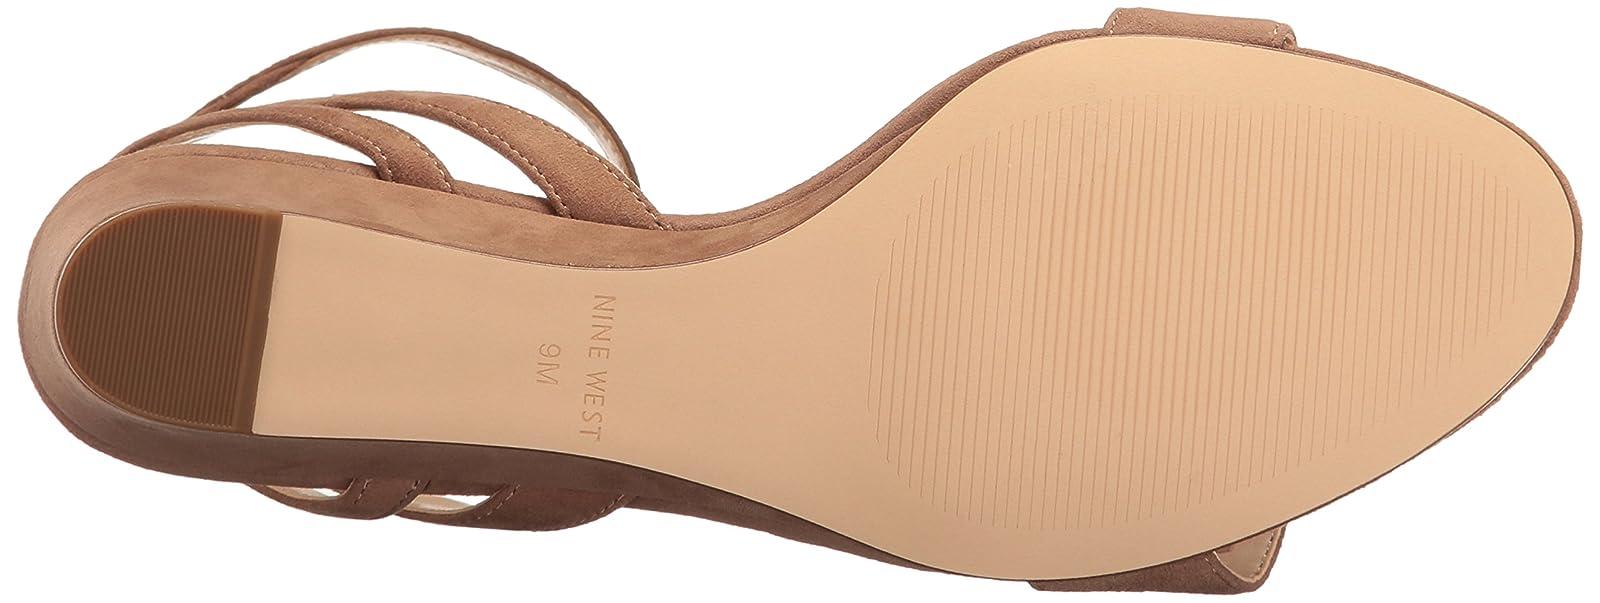 Nine West Women's Lewer Suede Wedge Sandal 8 M US - 3